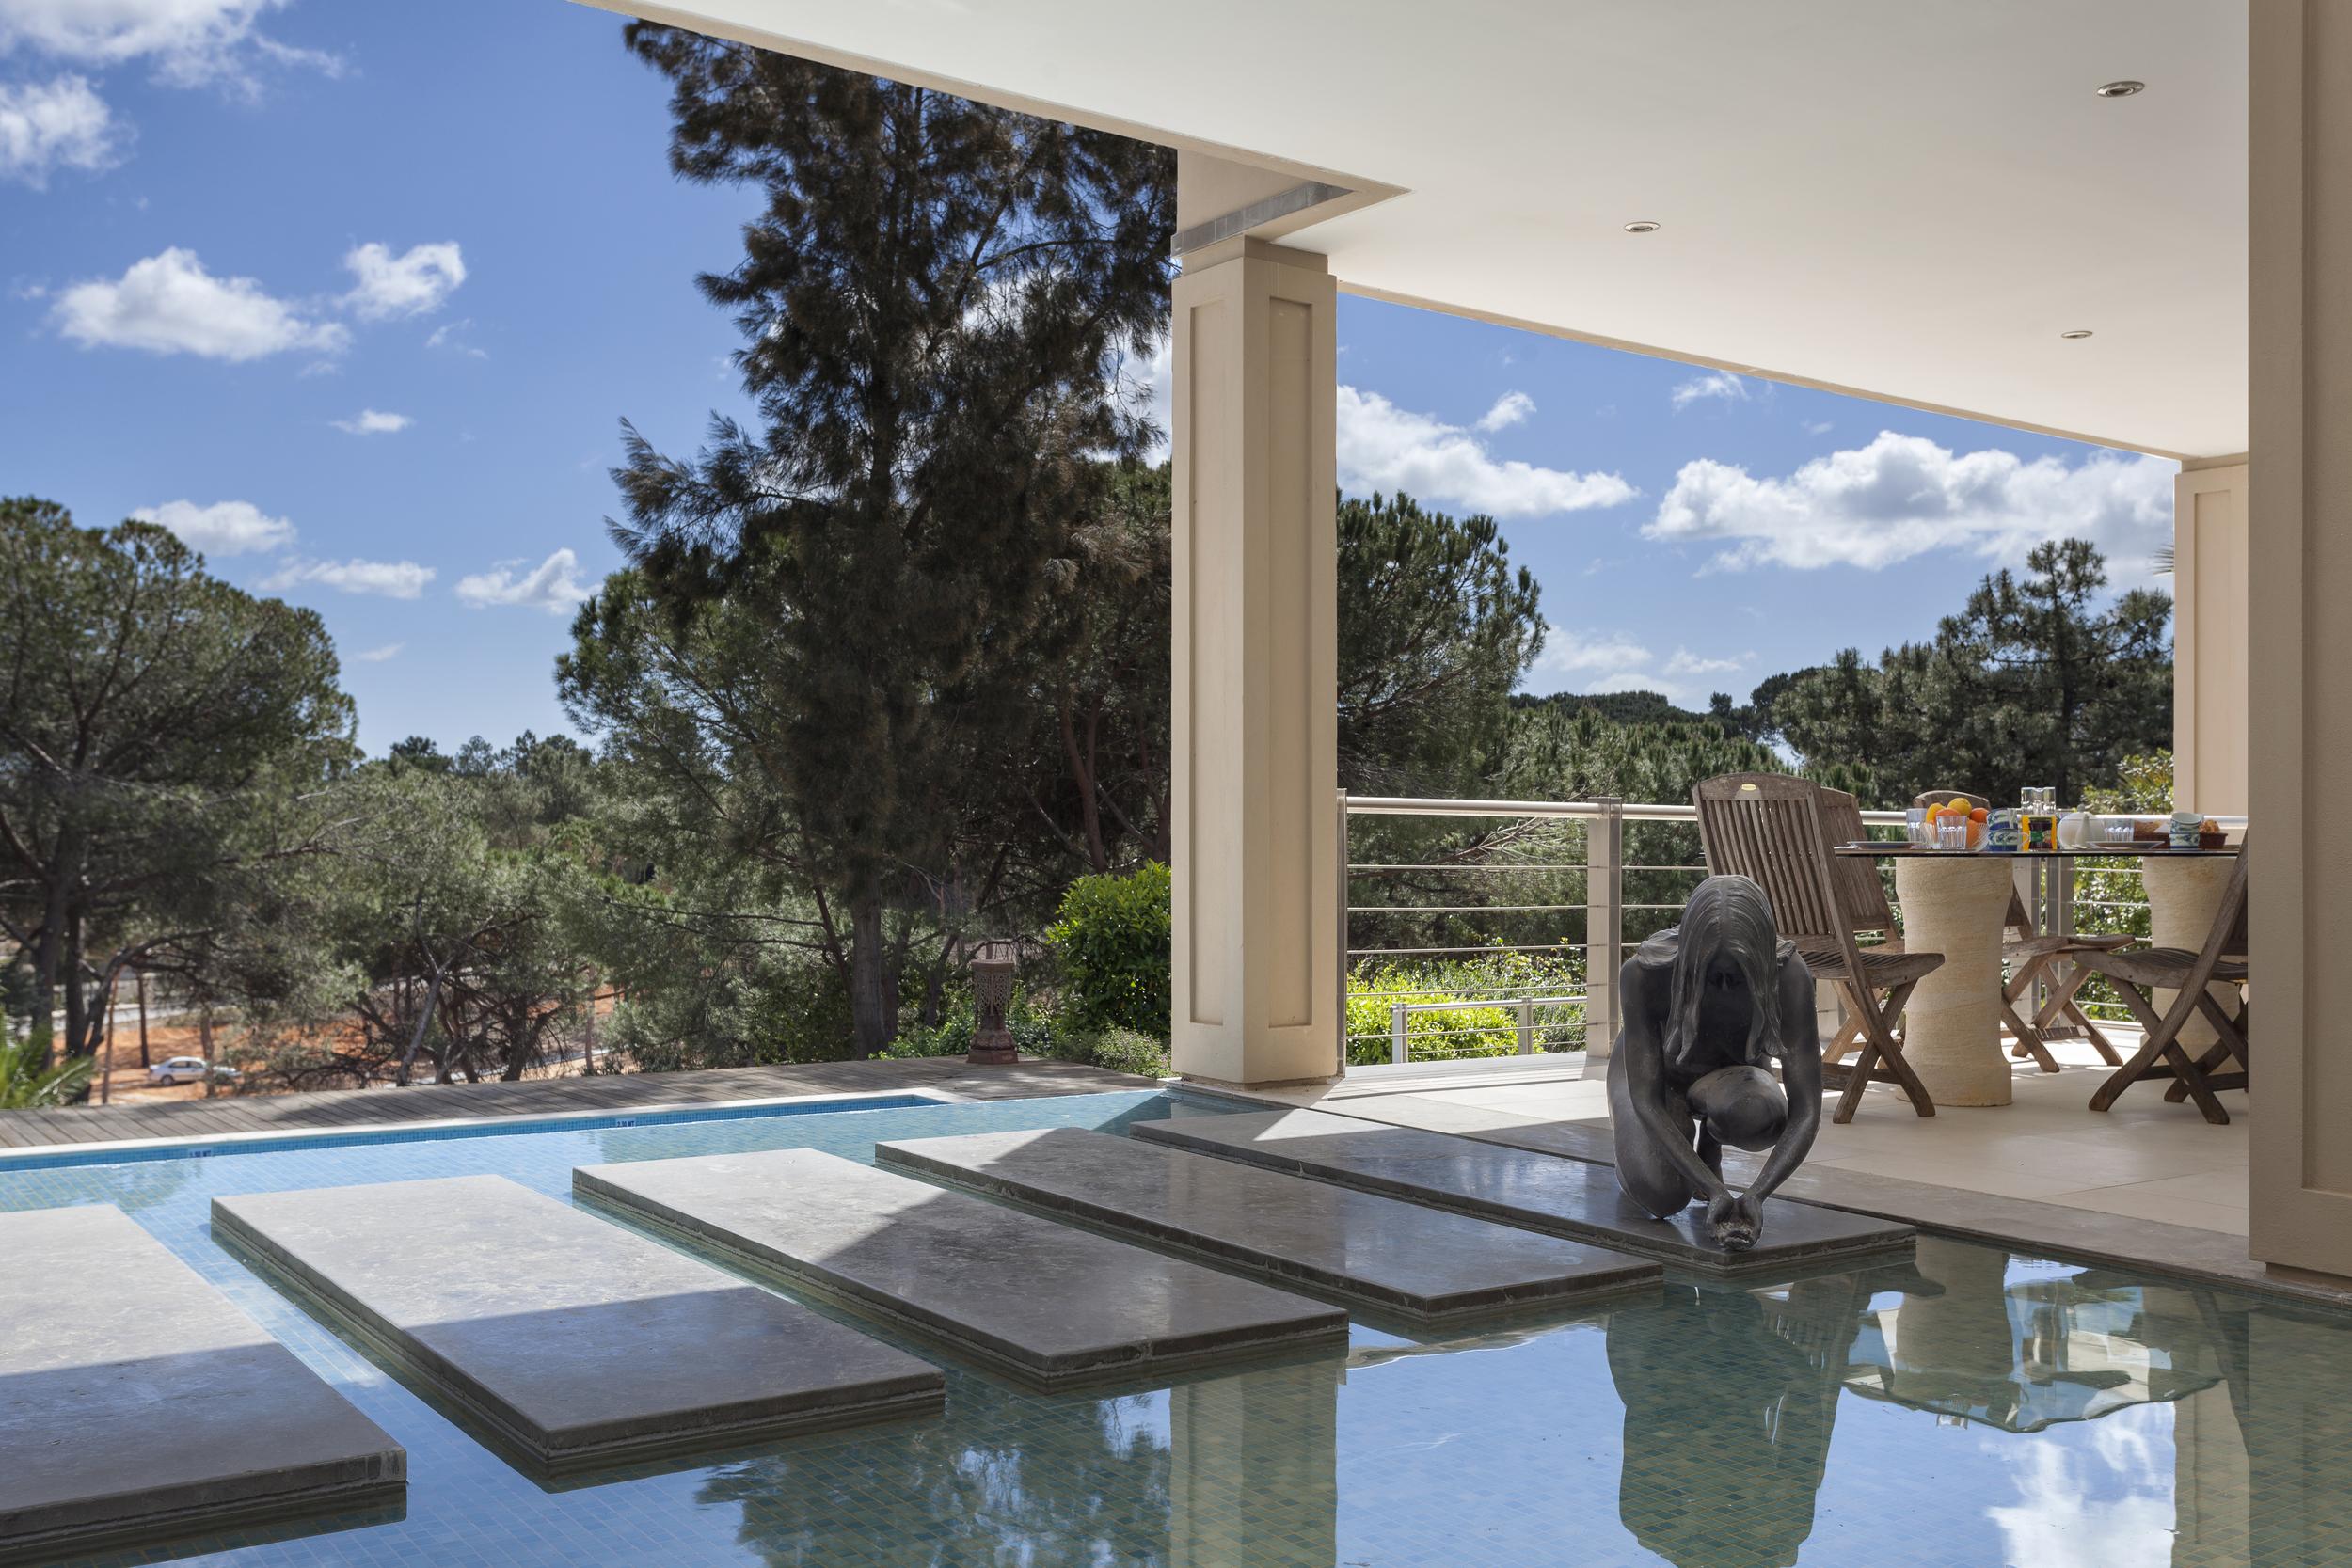 4 bedroom villa to rent in Quinta do Lago, RLV, Villa Serpentine,3.jpg